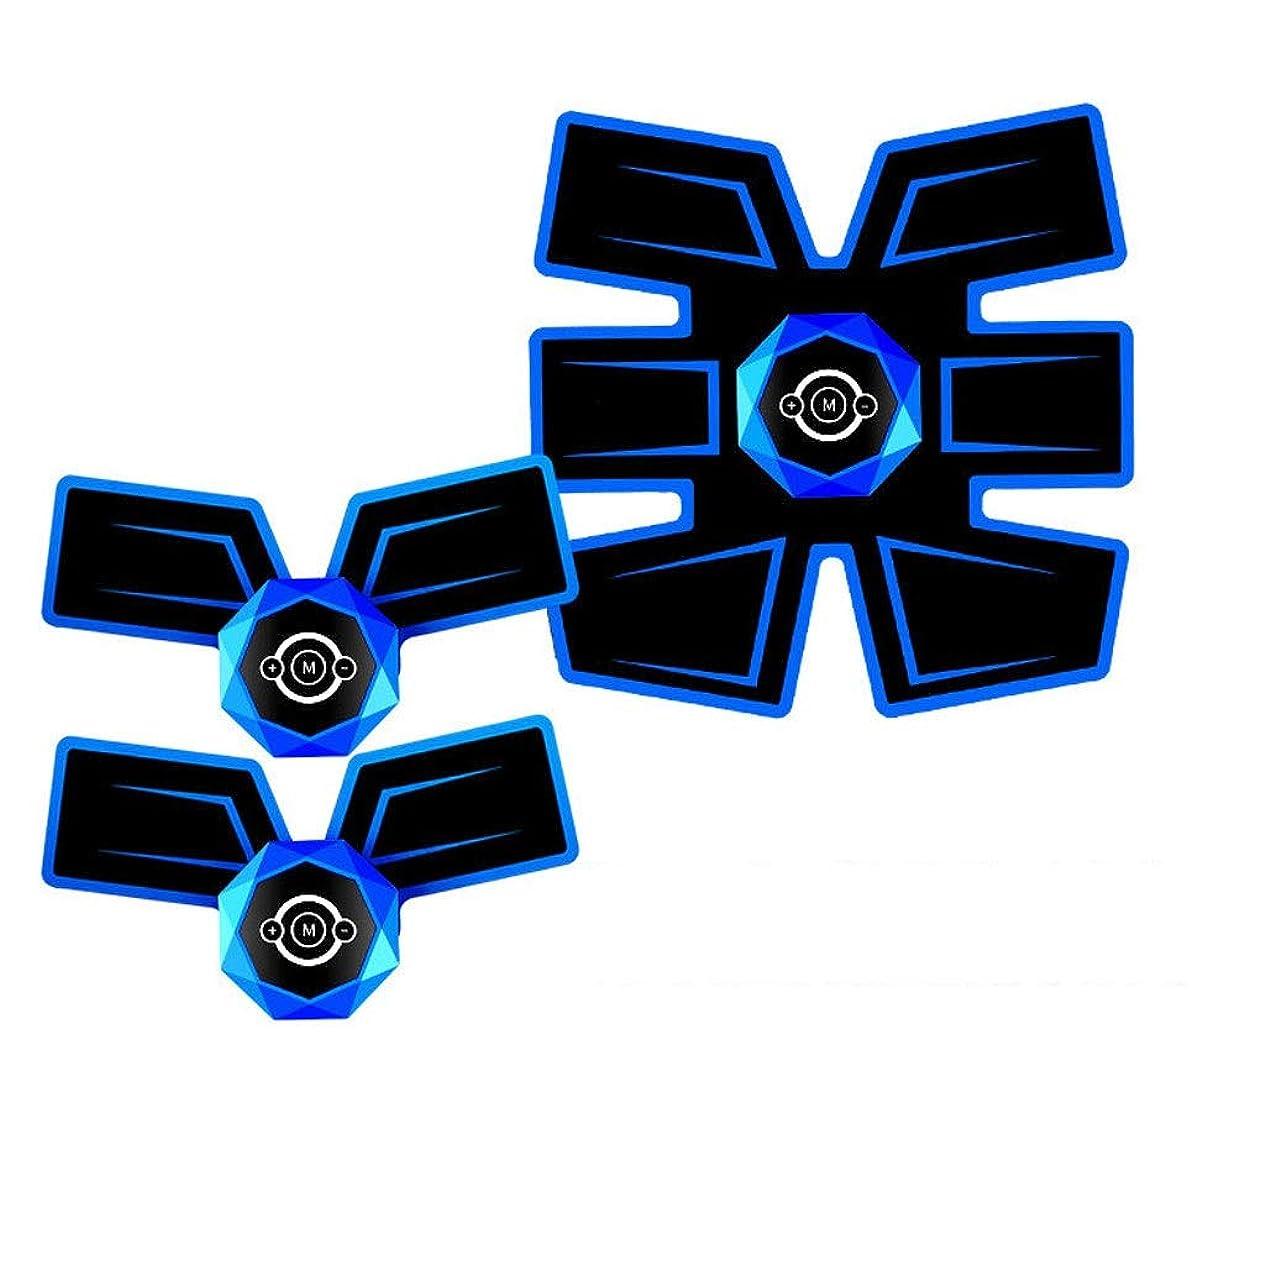 聖職者サーカス苦しみ腹筋刺激装置、インテリジェントな音声ブロードキャストとUSB充電、Esther Beauty EMSトレーナー筋肉トナー腹部調色ベルトフィットネス機器 (Color : Voice-Blue2, Size : C)